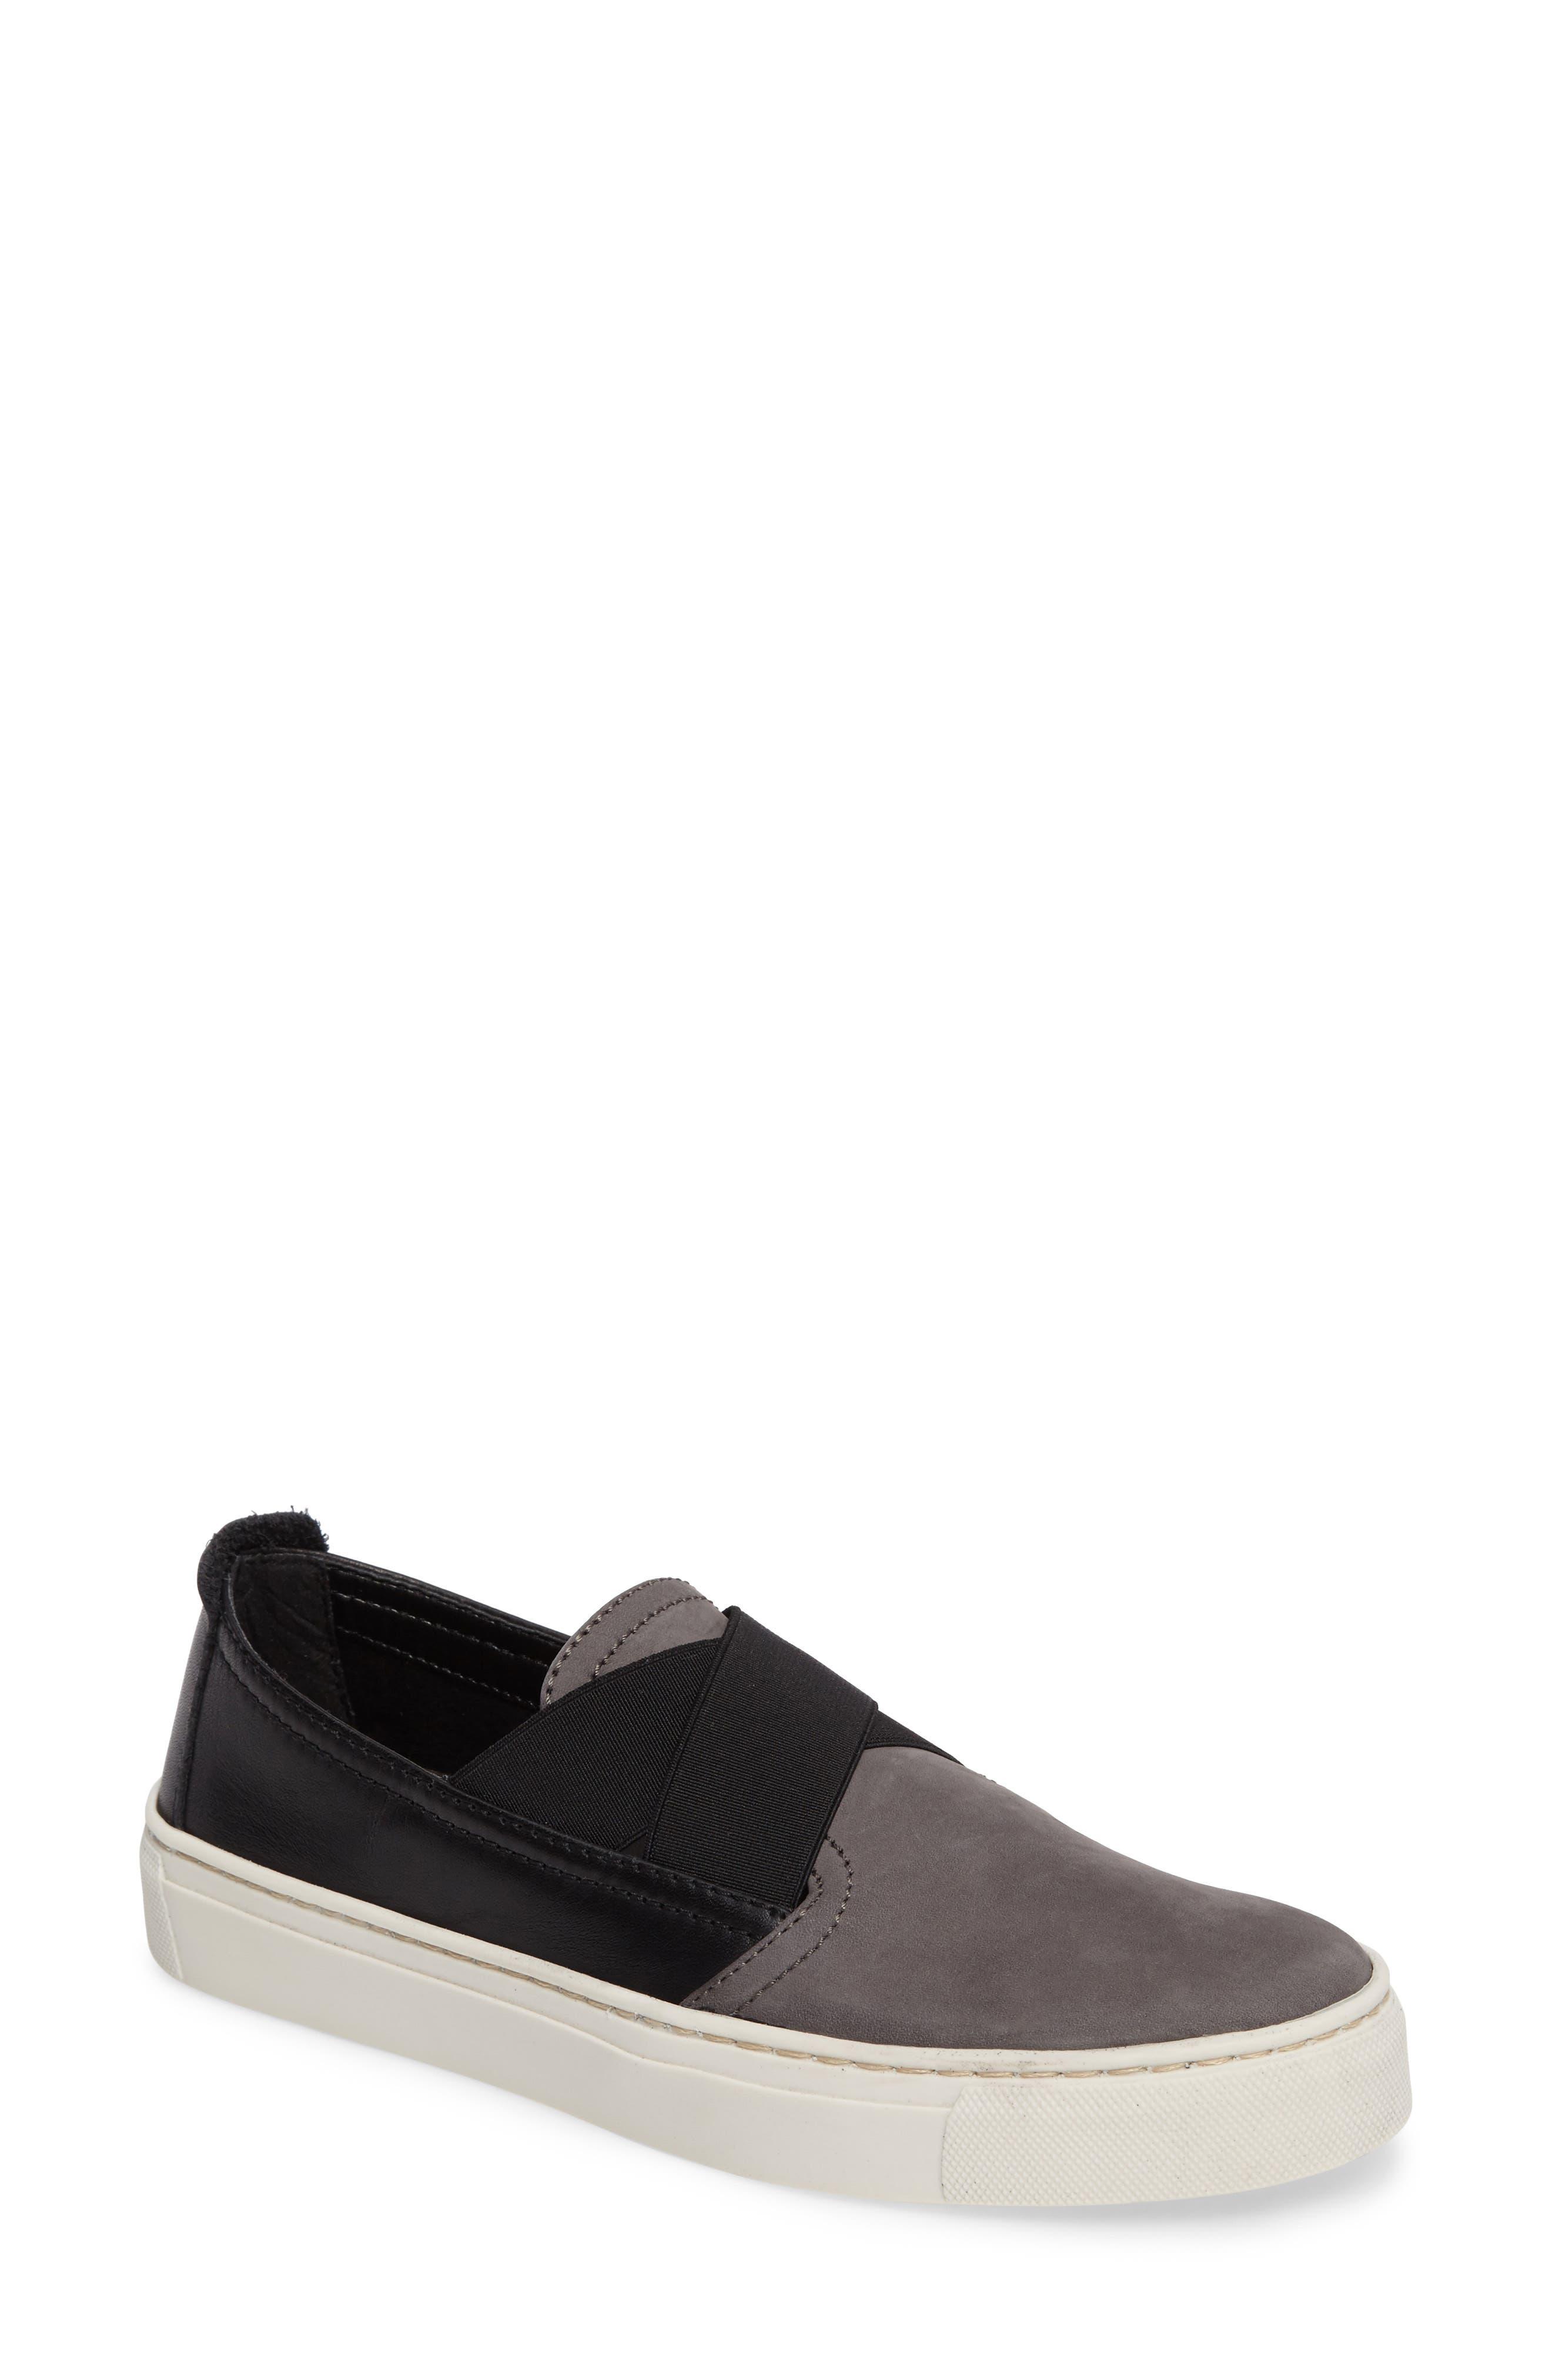 La Cross Slip-On Sneaker,                         Main,                         color, 001